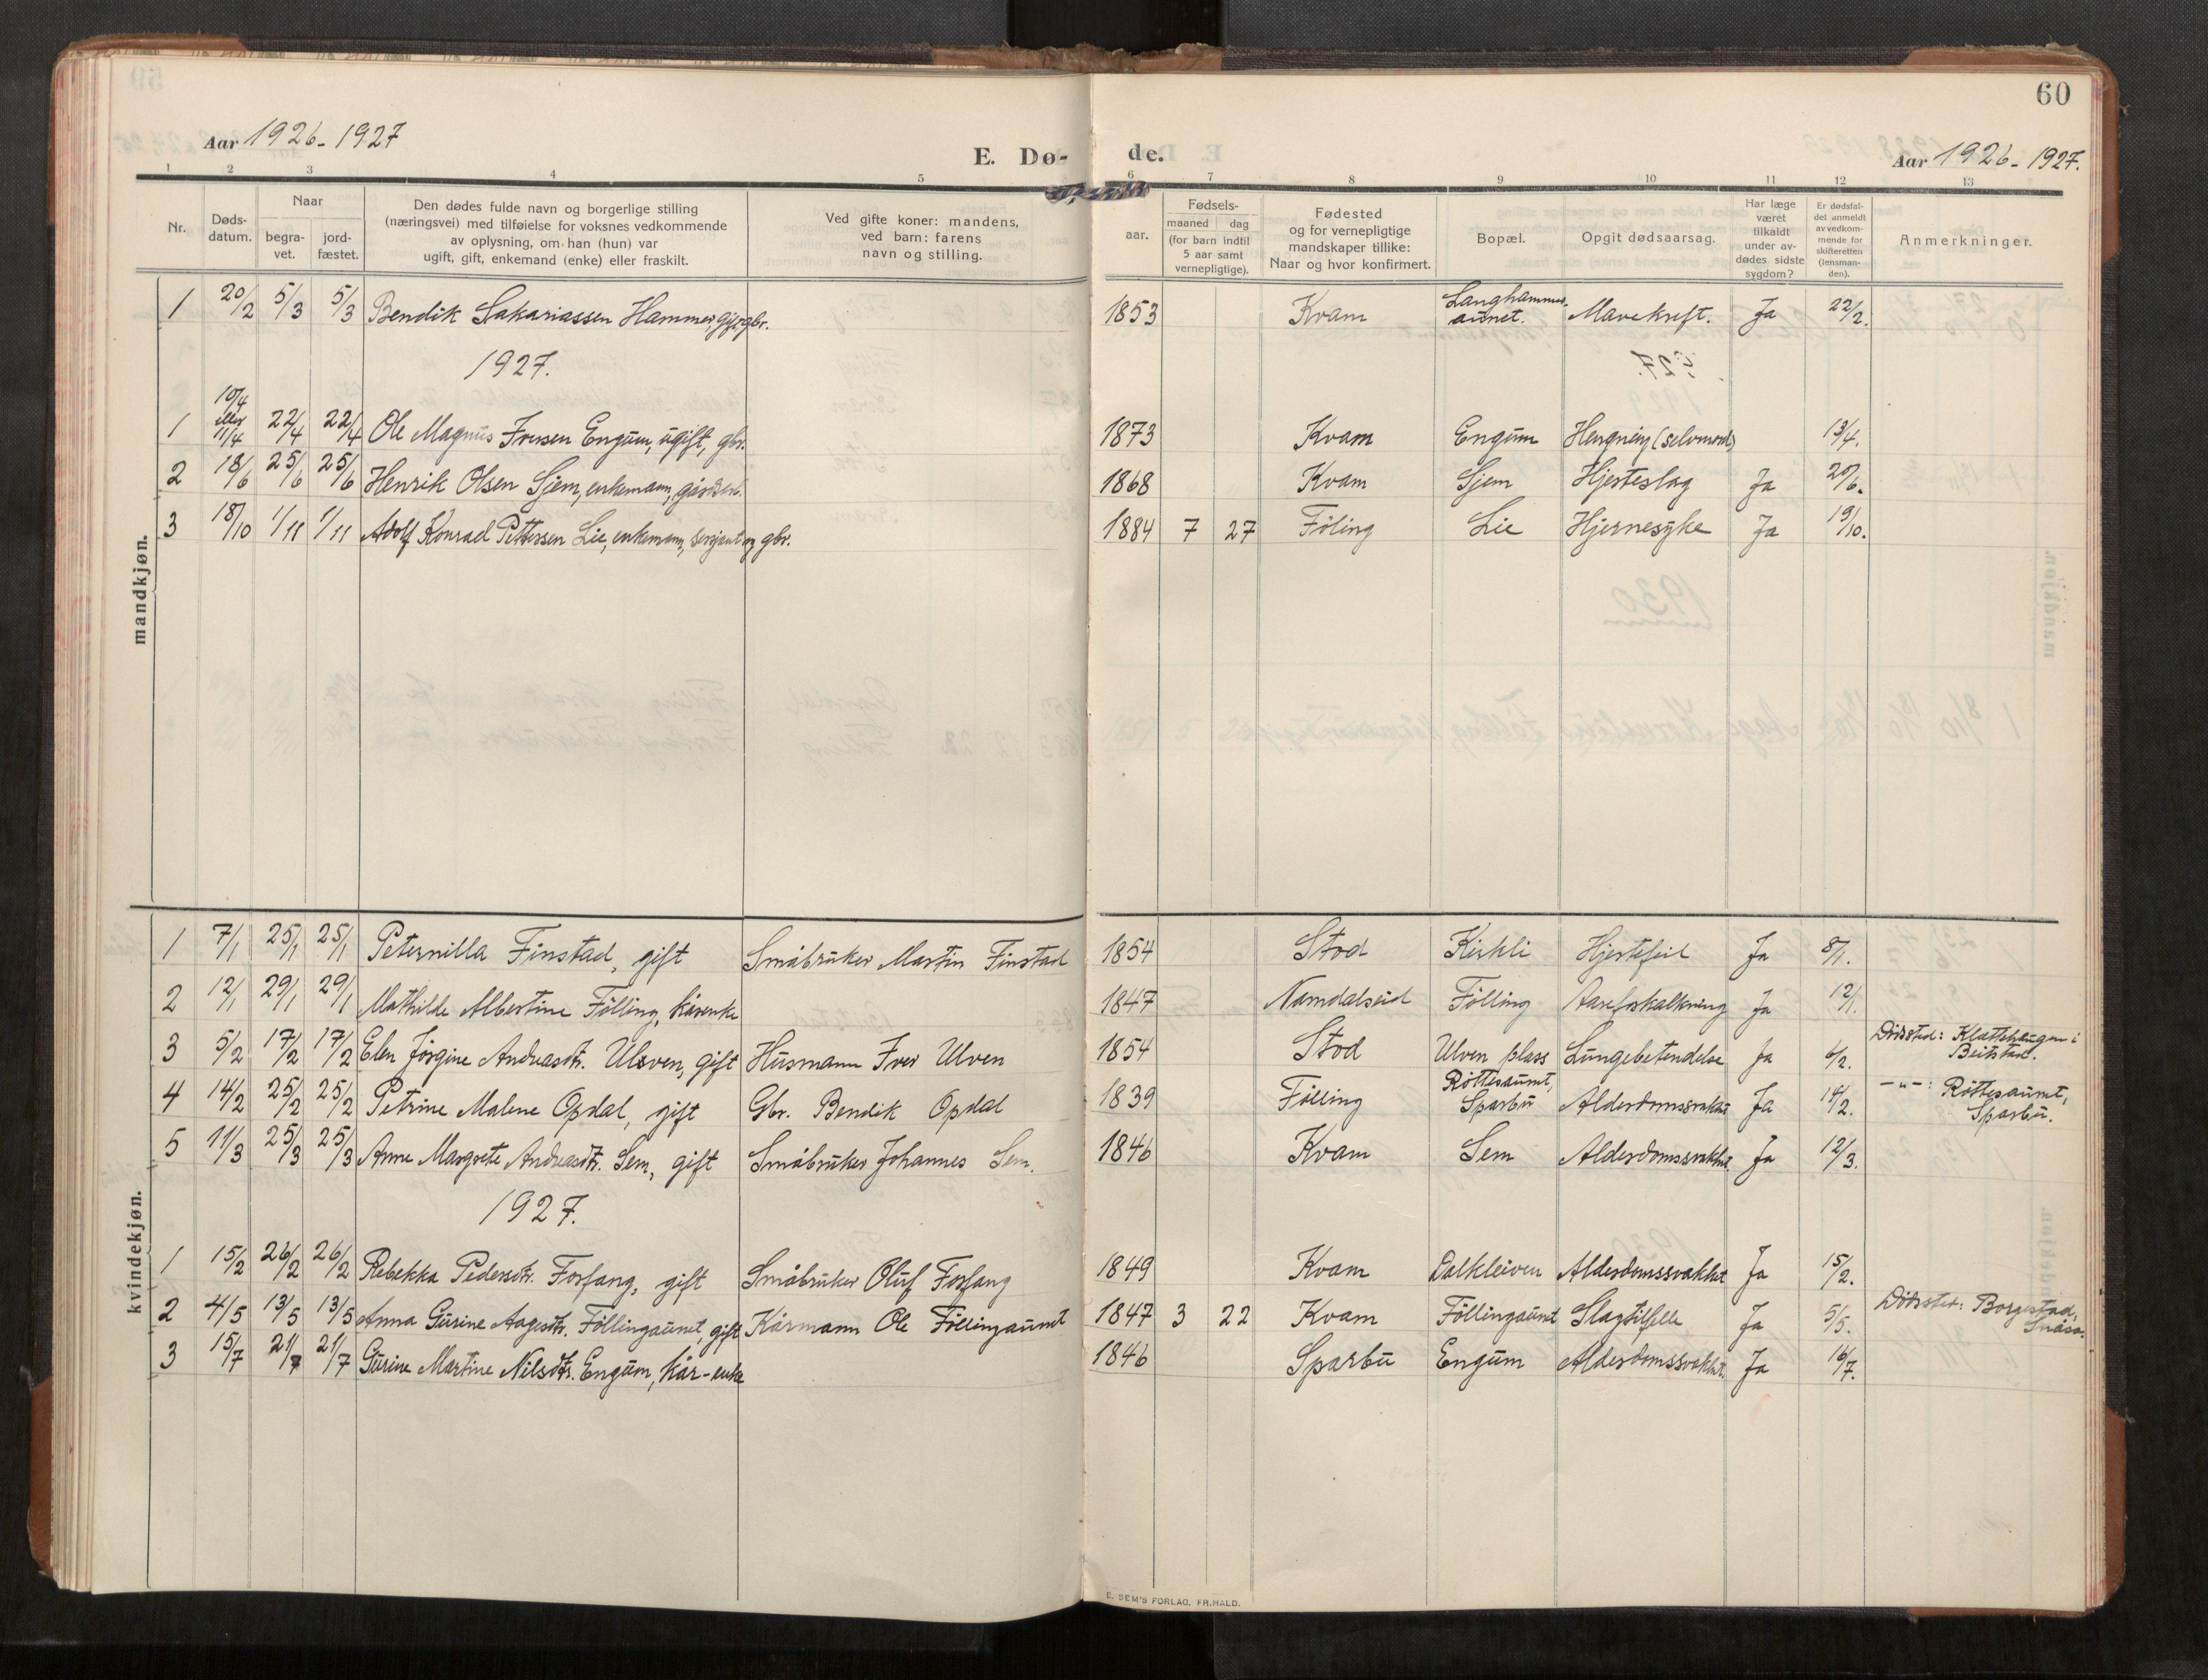 SAT, Stod sokneprestkontor, I/I1/I1a/L0003: Parish register (official) no. 3, 1909-1934, p. 60